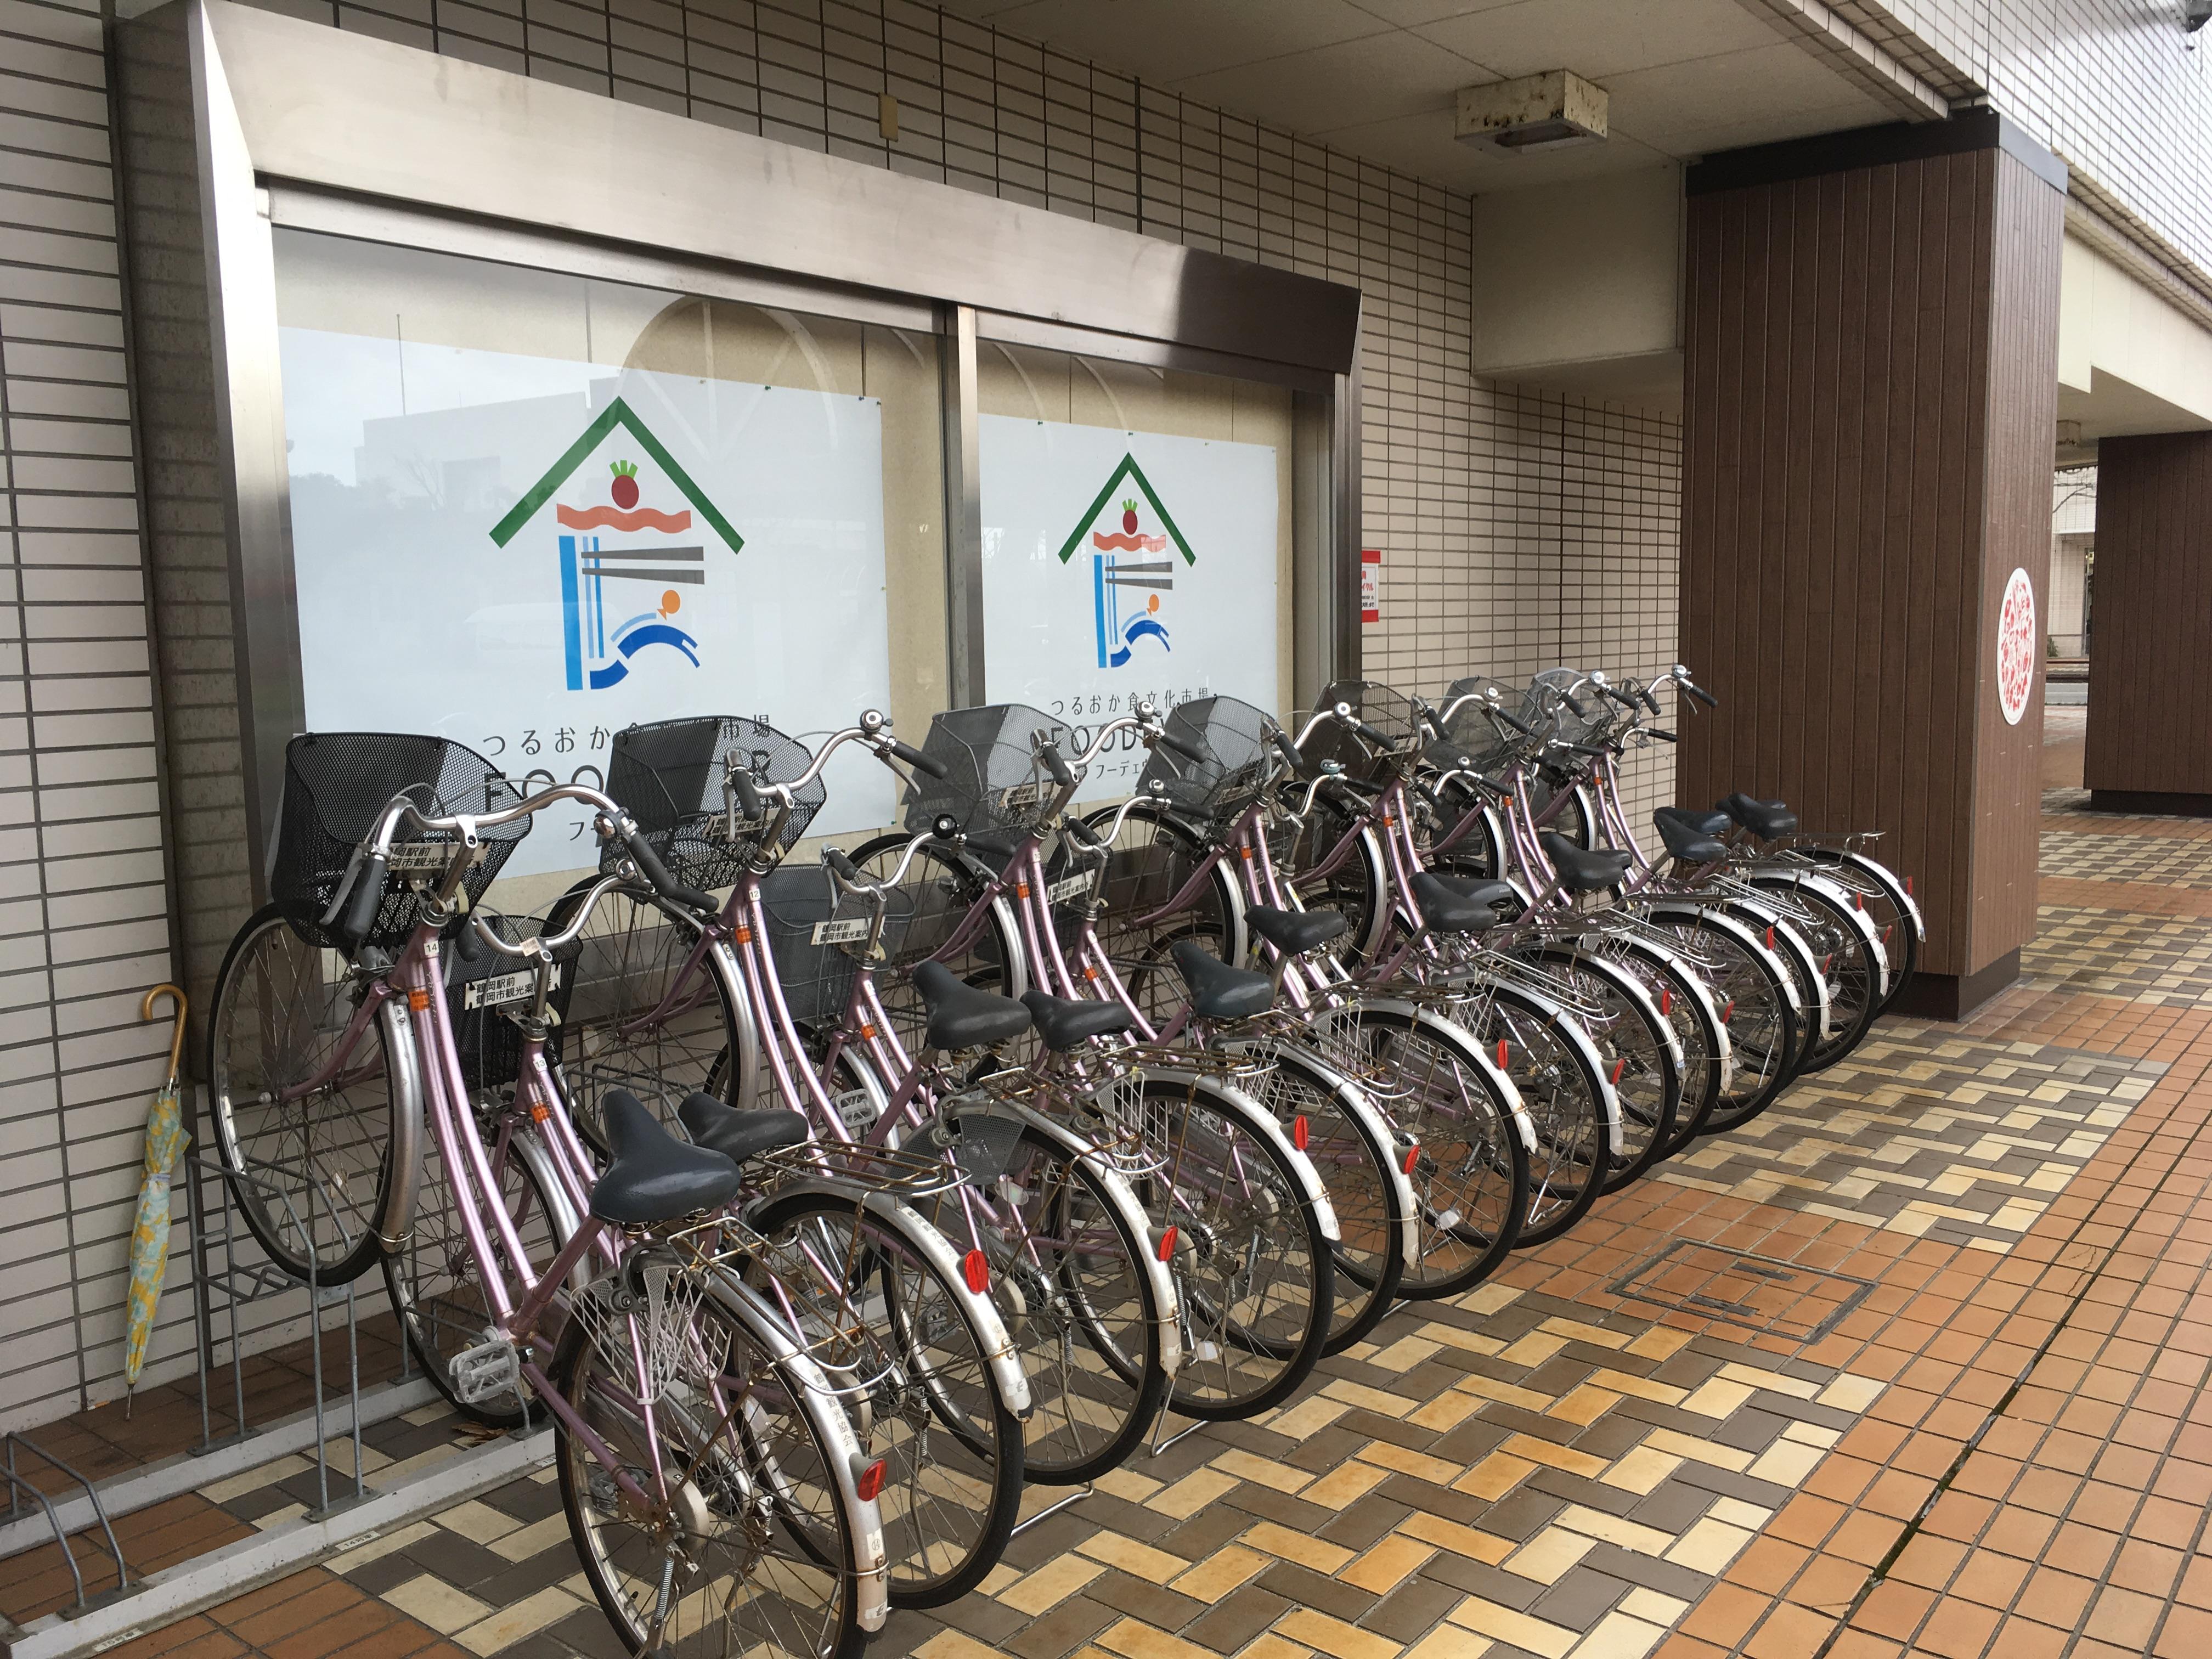 山形県 | 鶴岡市 | レンタサイクルつるおか | やまがたバリアフリーMAP | 山形県ユニバーサルデザイン施設情報